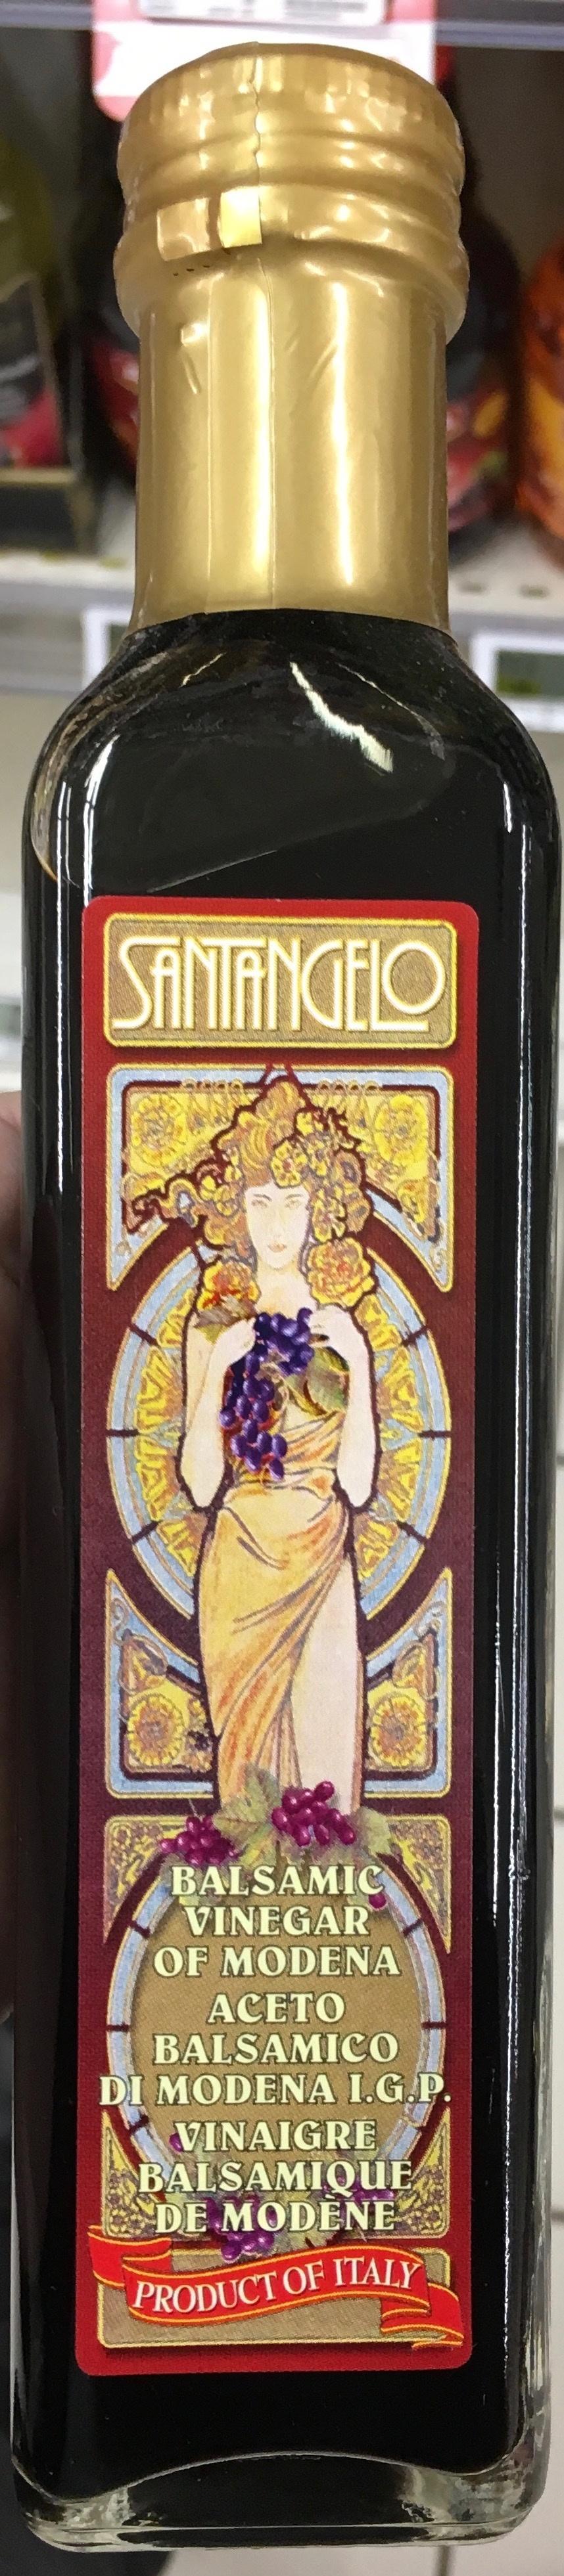 Vinaigre balsamique de mod ne acidit 6 santangelo 250 ml - Vinaigre balsamique calorie ...